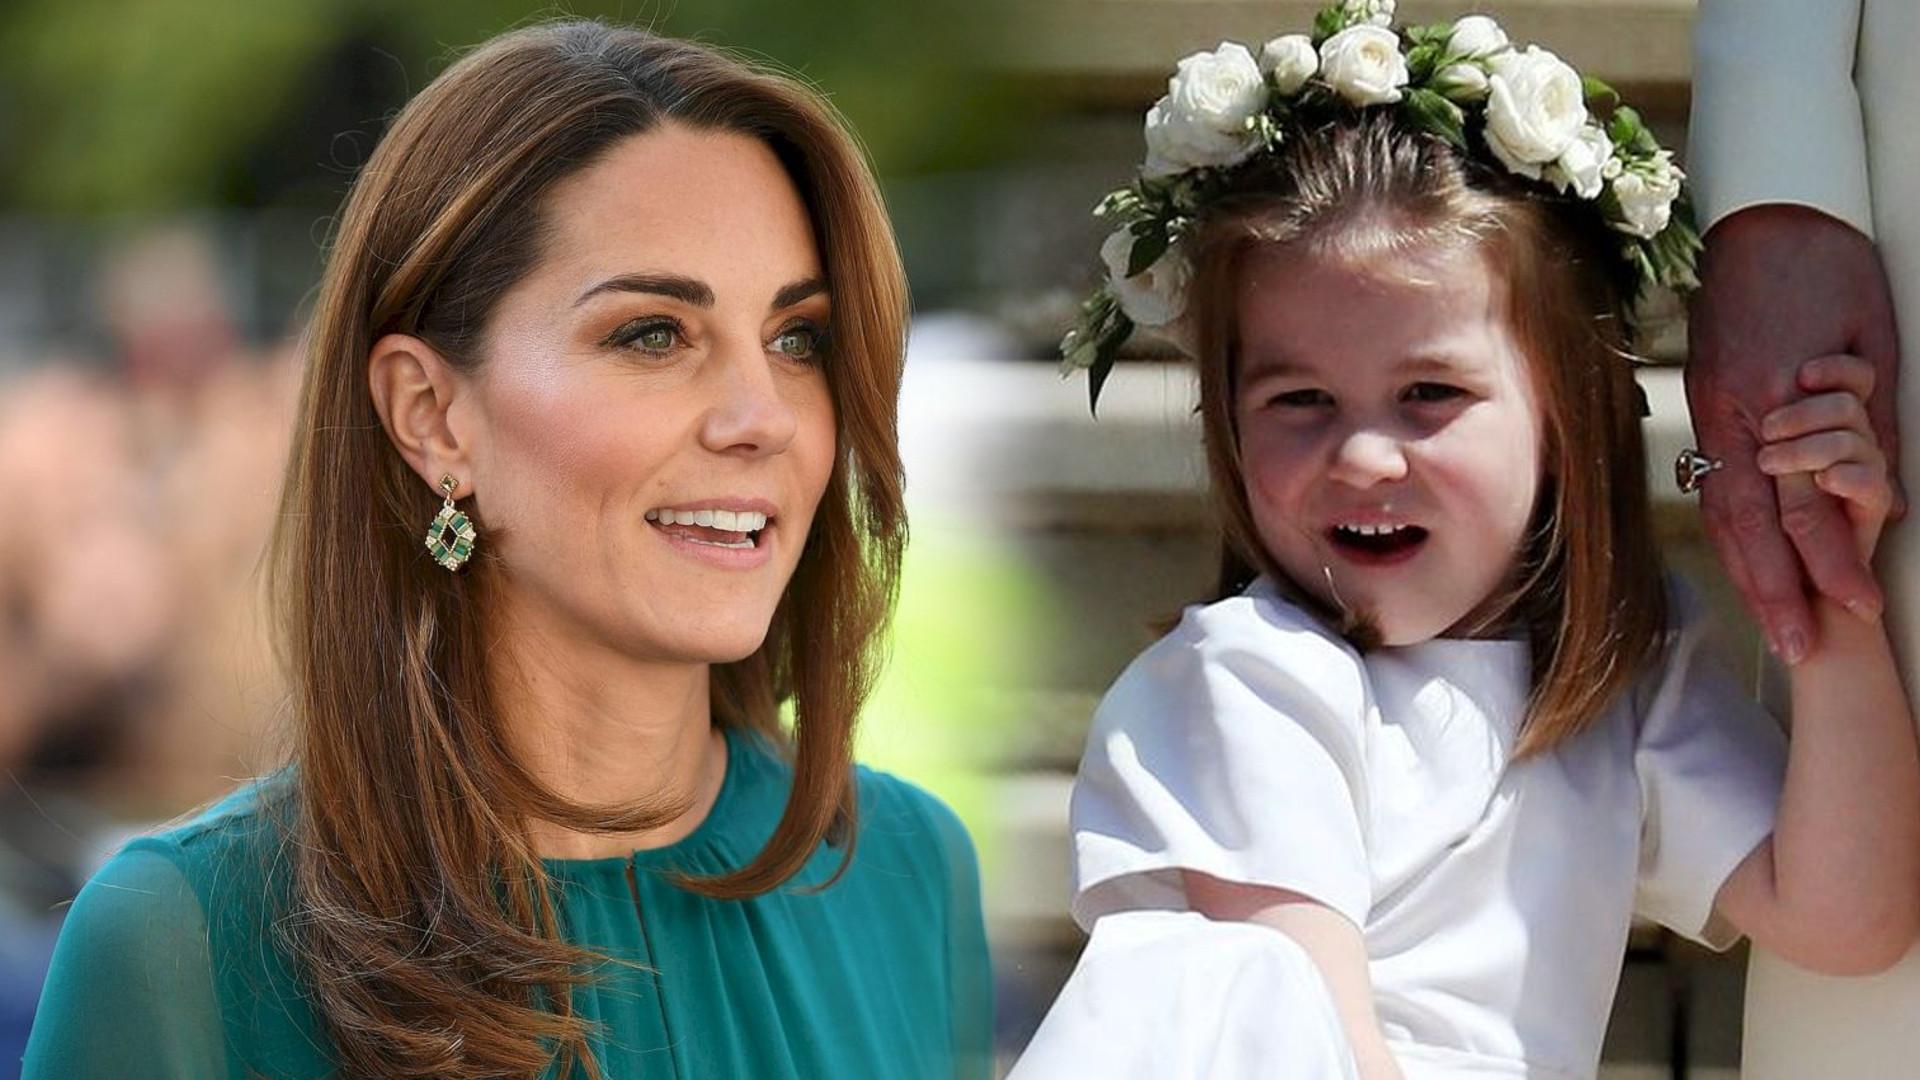 Księżna Kate pokazała nowe, urocze zdjęcie księżniczki Charlotte. Opowiedziała też, jak KOSZMARNIE znosiła ciążę